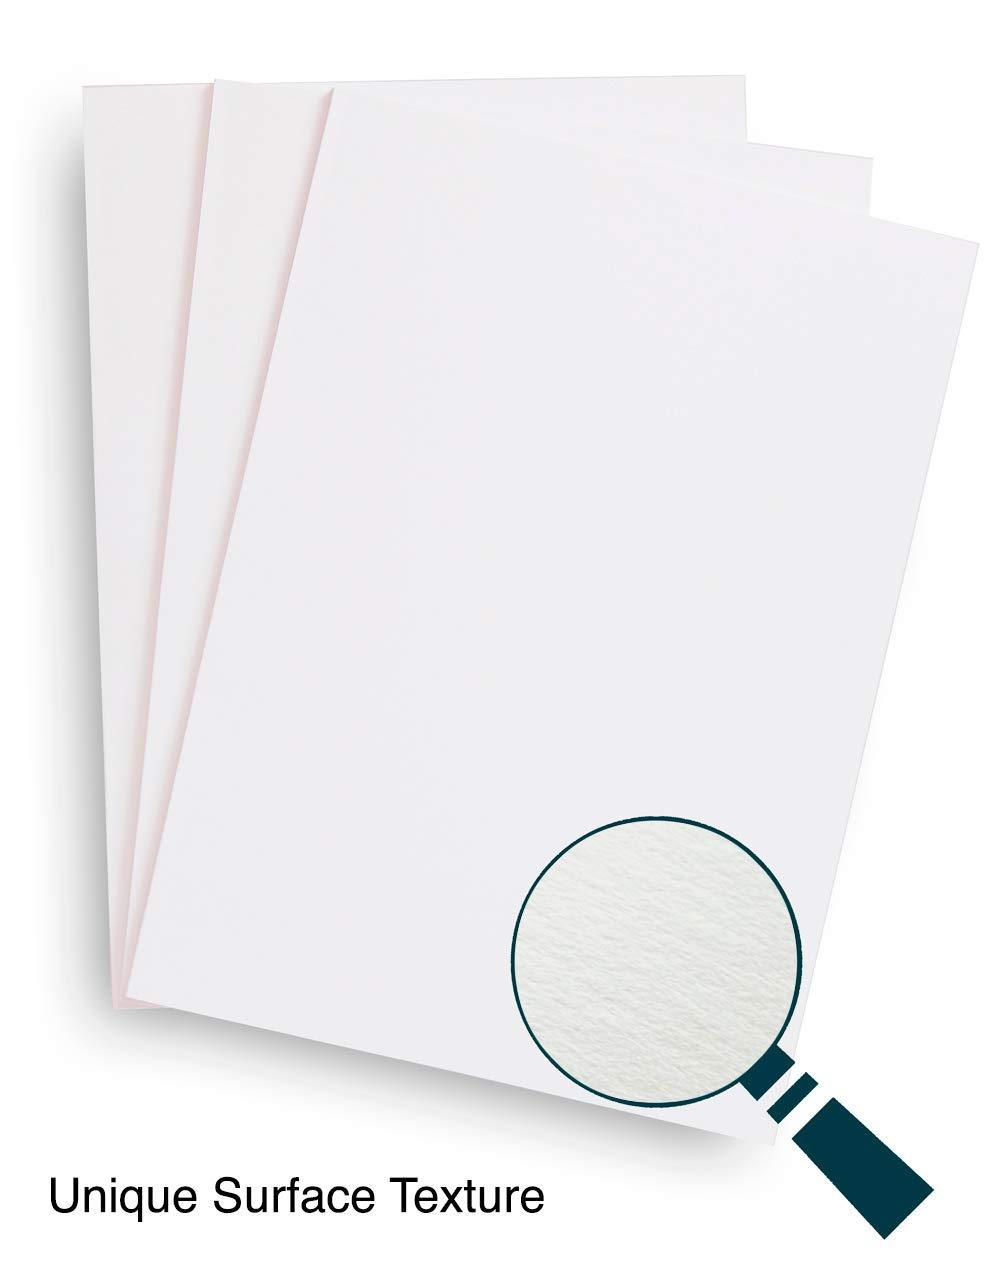 Marrutt Traditionelles Barytapapier, Barytapapier, Barytapapier, 280 g m², seidenmatt, 25 Blatt B07NQNLR9H   Elegant und feierlich  c60830